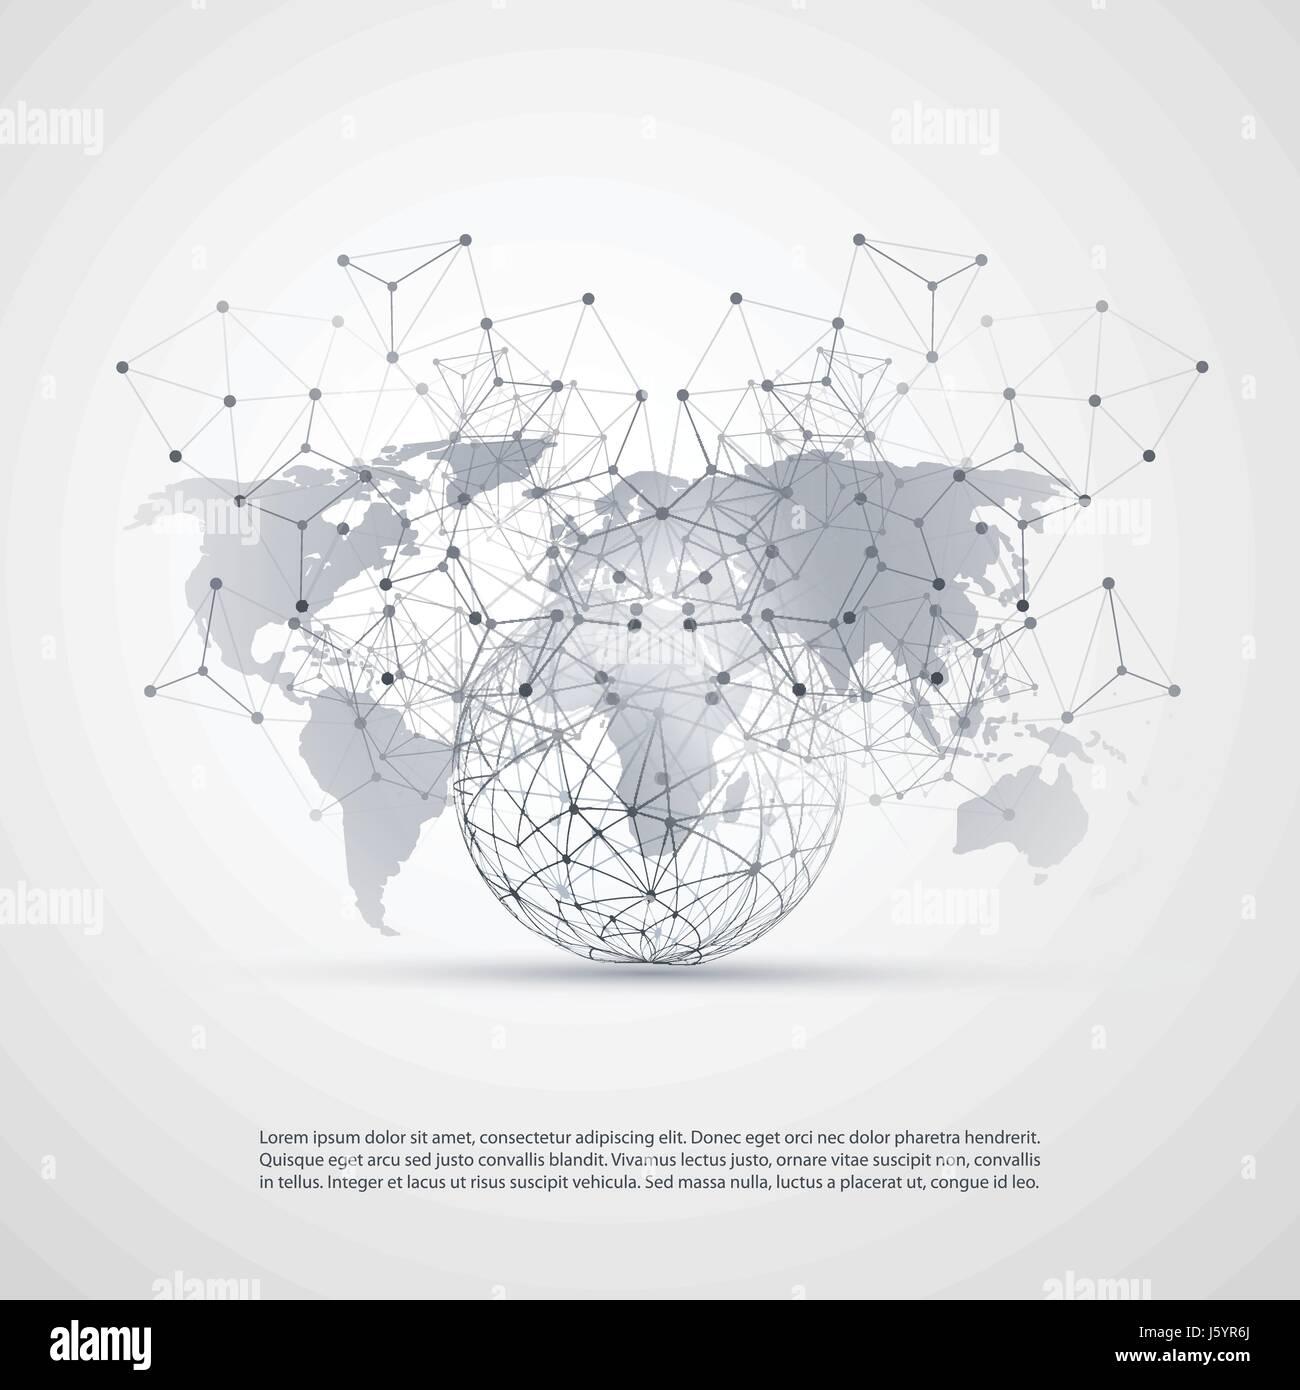 Ausgezeichnet Netzwerk Design Vorlage Fotos - Entry Level Resume ...